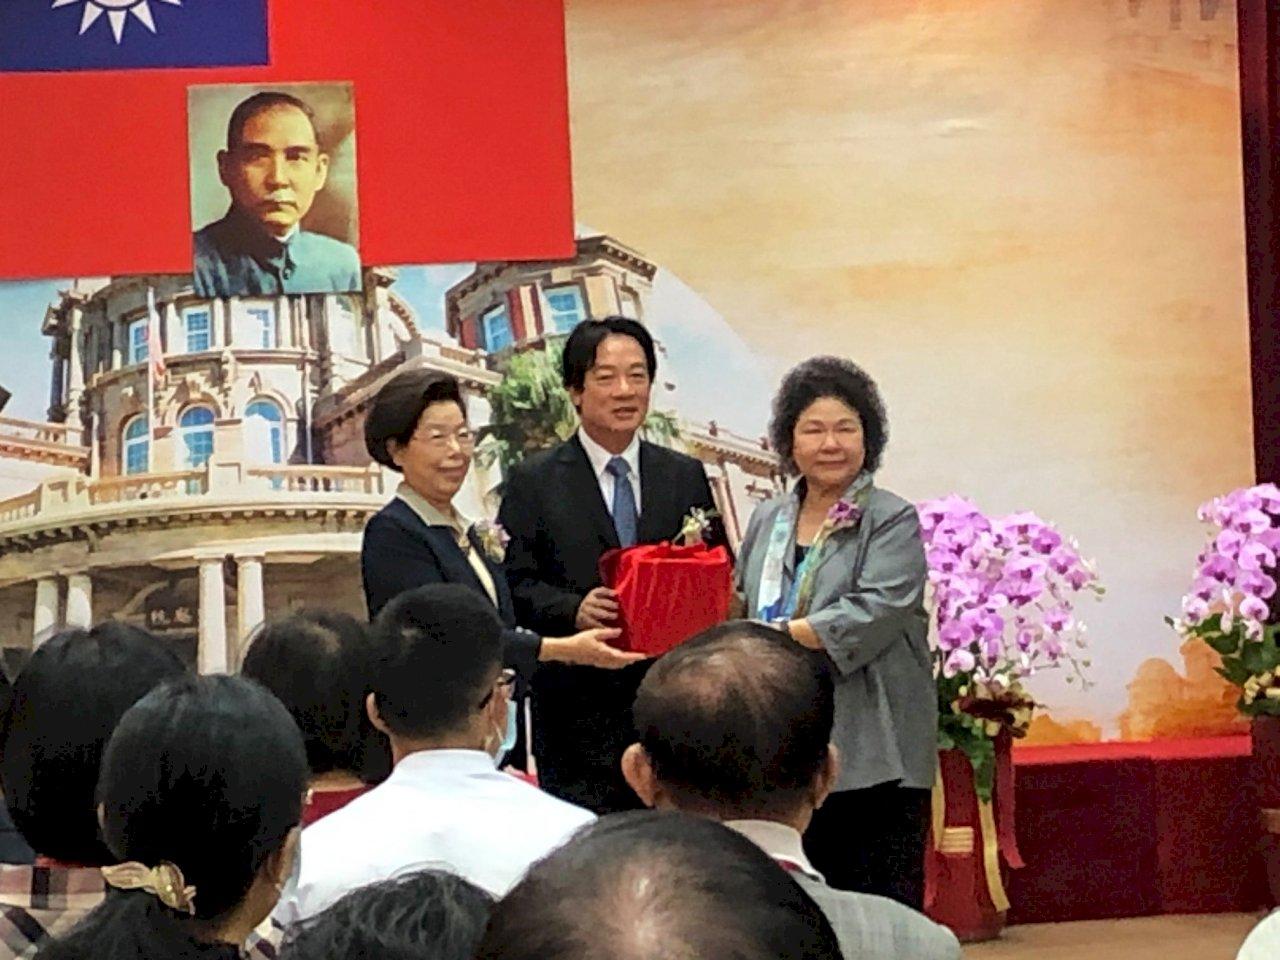 正式接掌監察院長 陳菊:責任重大、誠惶誠恐